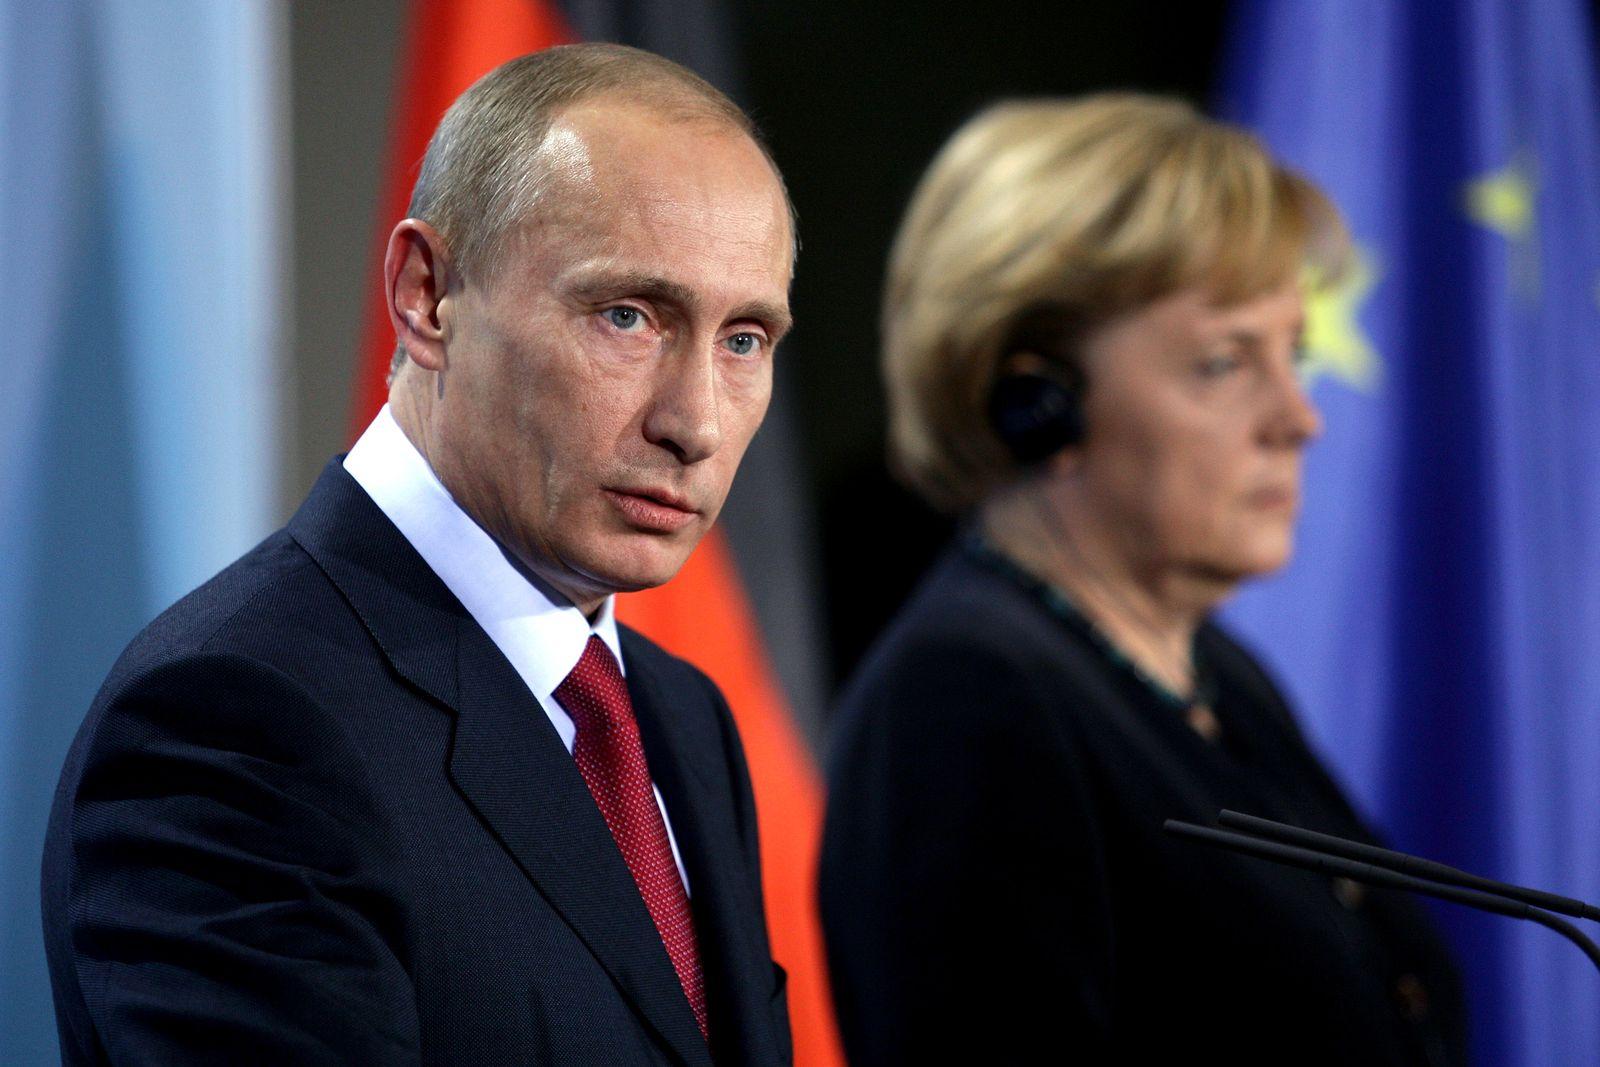 Putin / Merkel